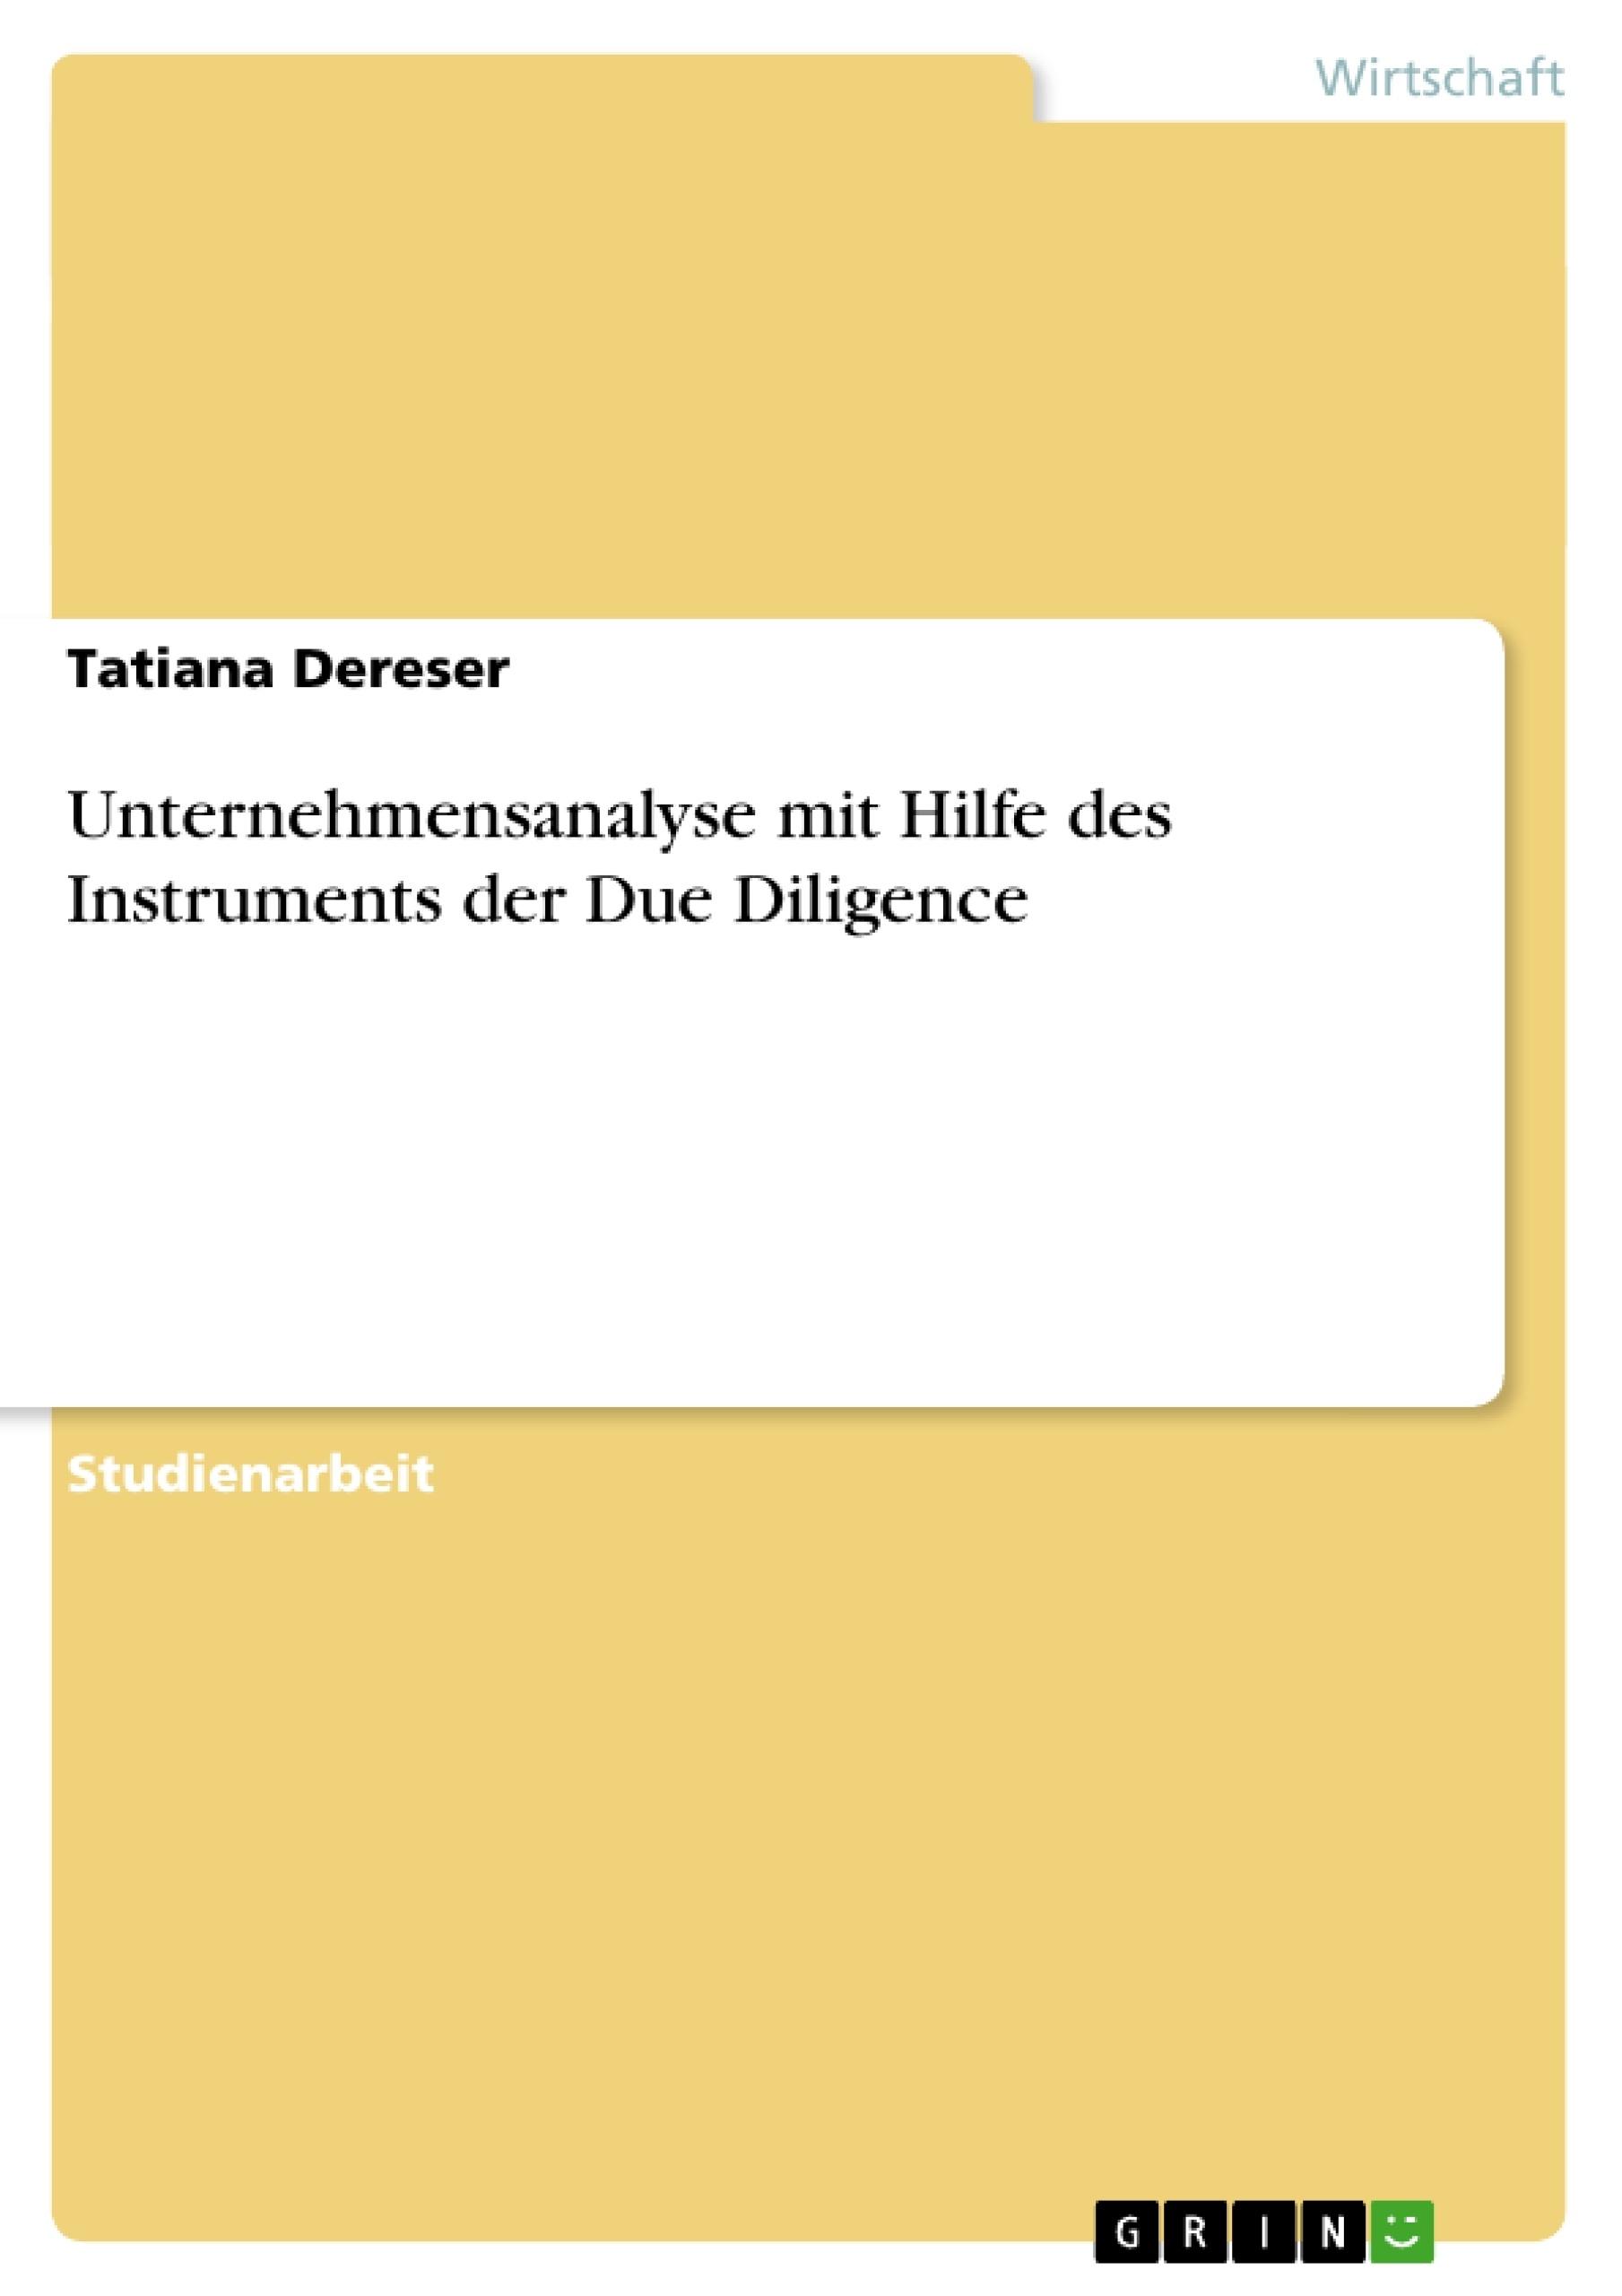 Titel: Unternehmensanalyse mit Hilfe des Instruments der Due Diligence